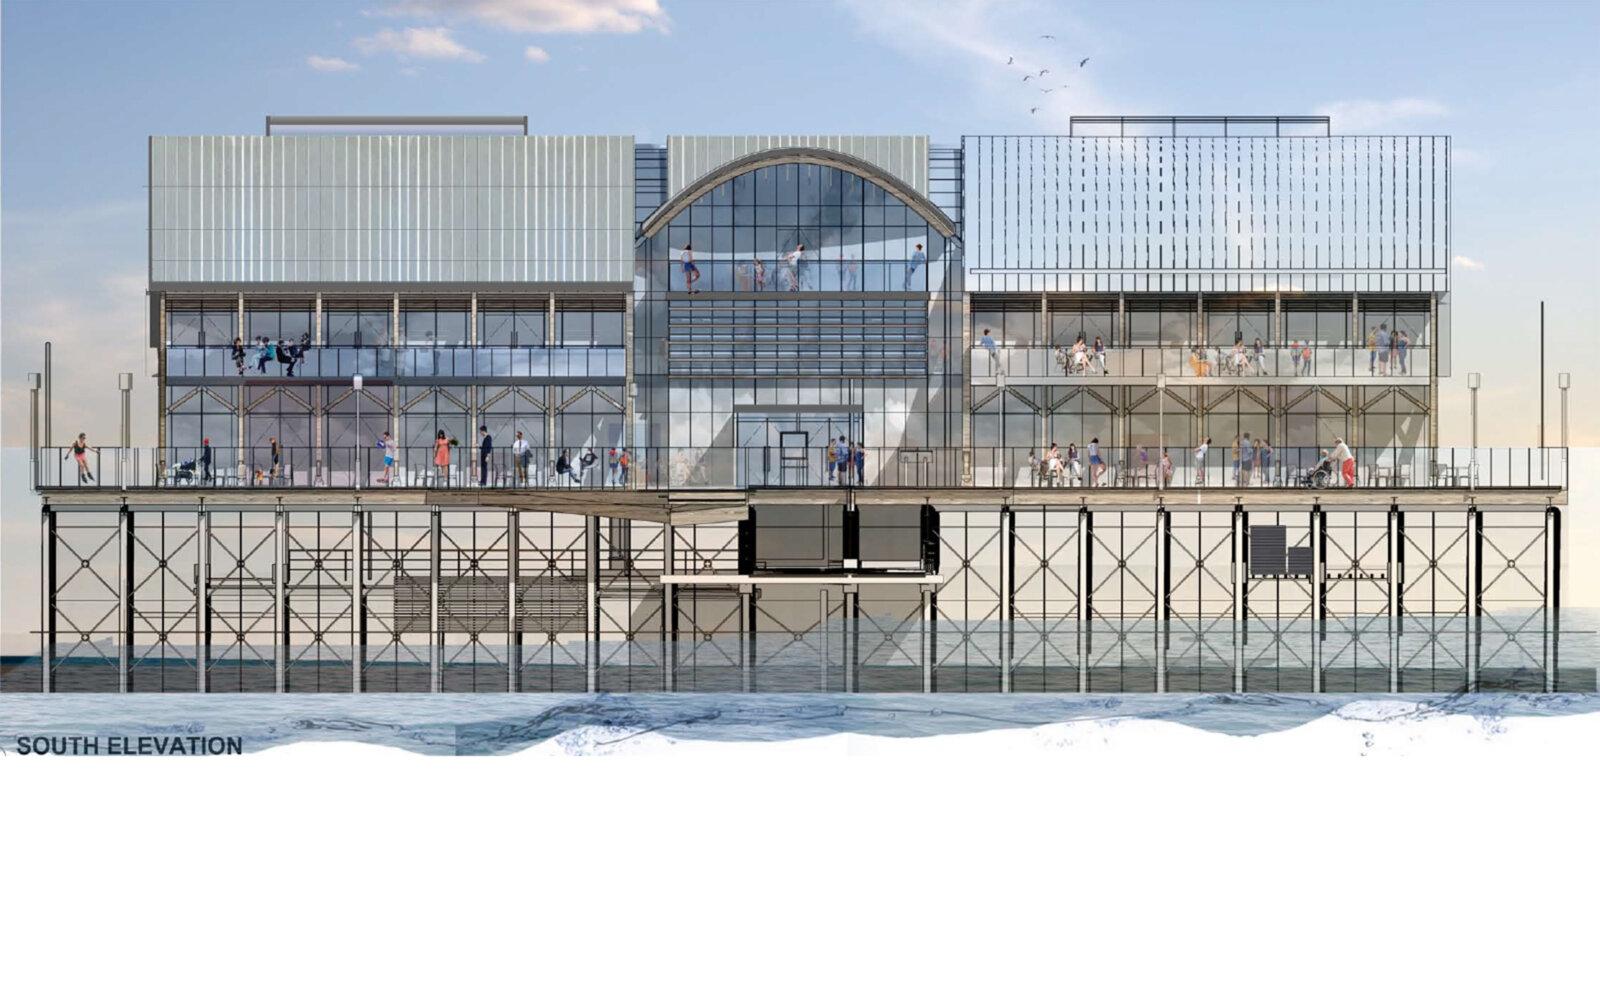 Southend Pier Pavilion